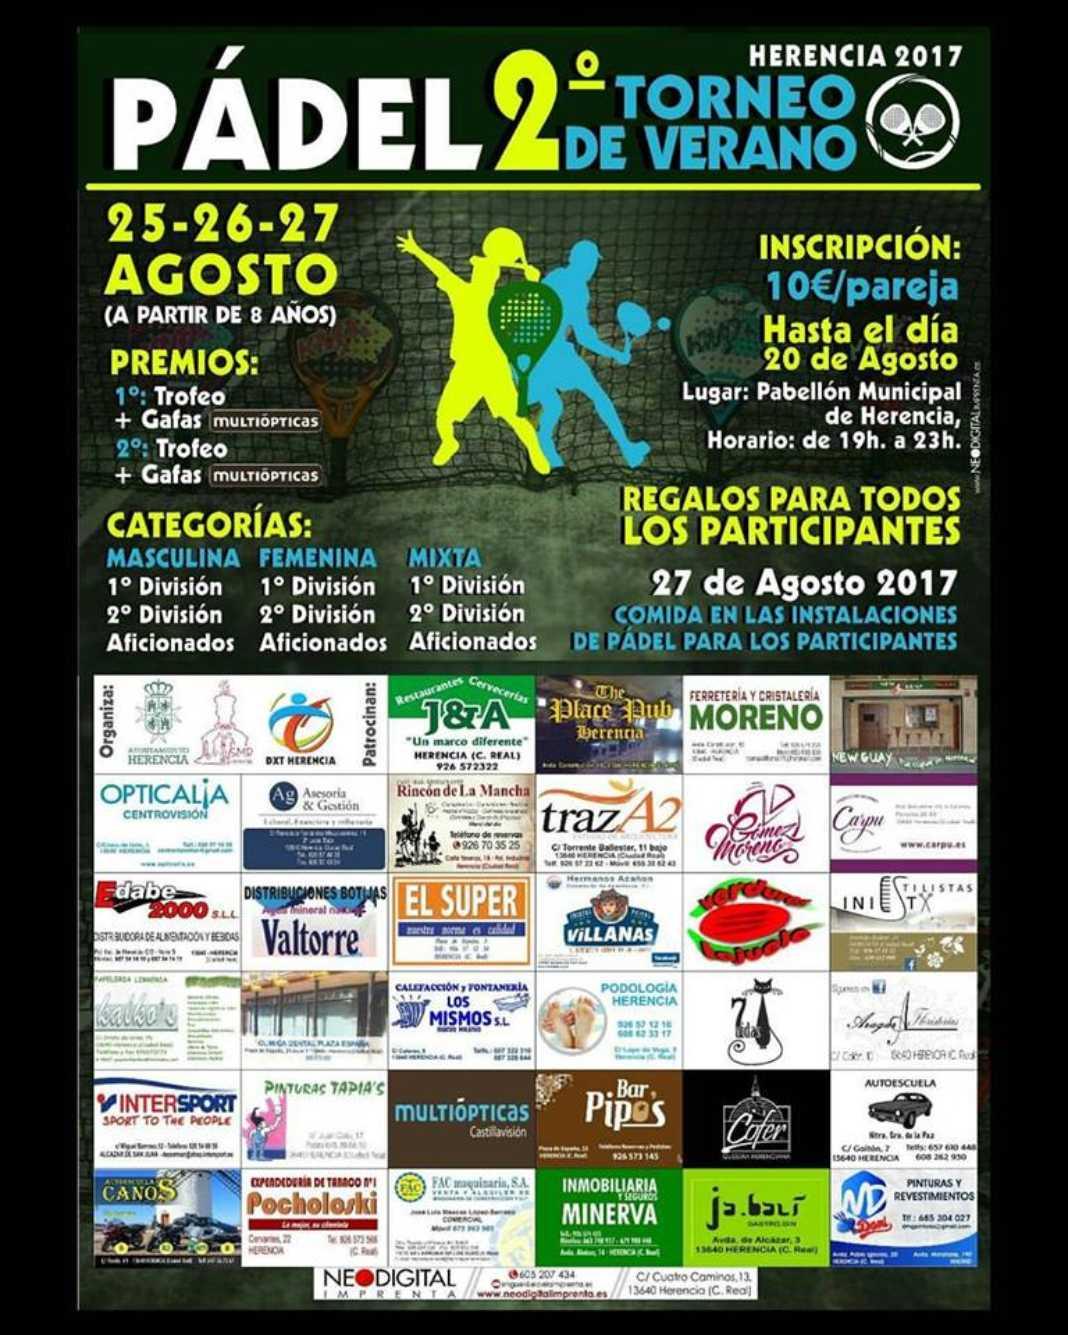 segundo torneo de Padel de Verano de Herencia 1068x1335 - Segundo Torneo de Pádel de Verano 2017